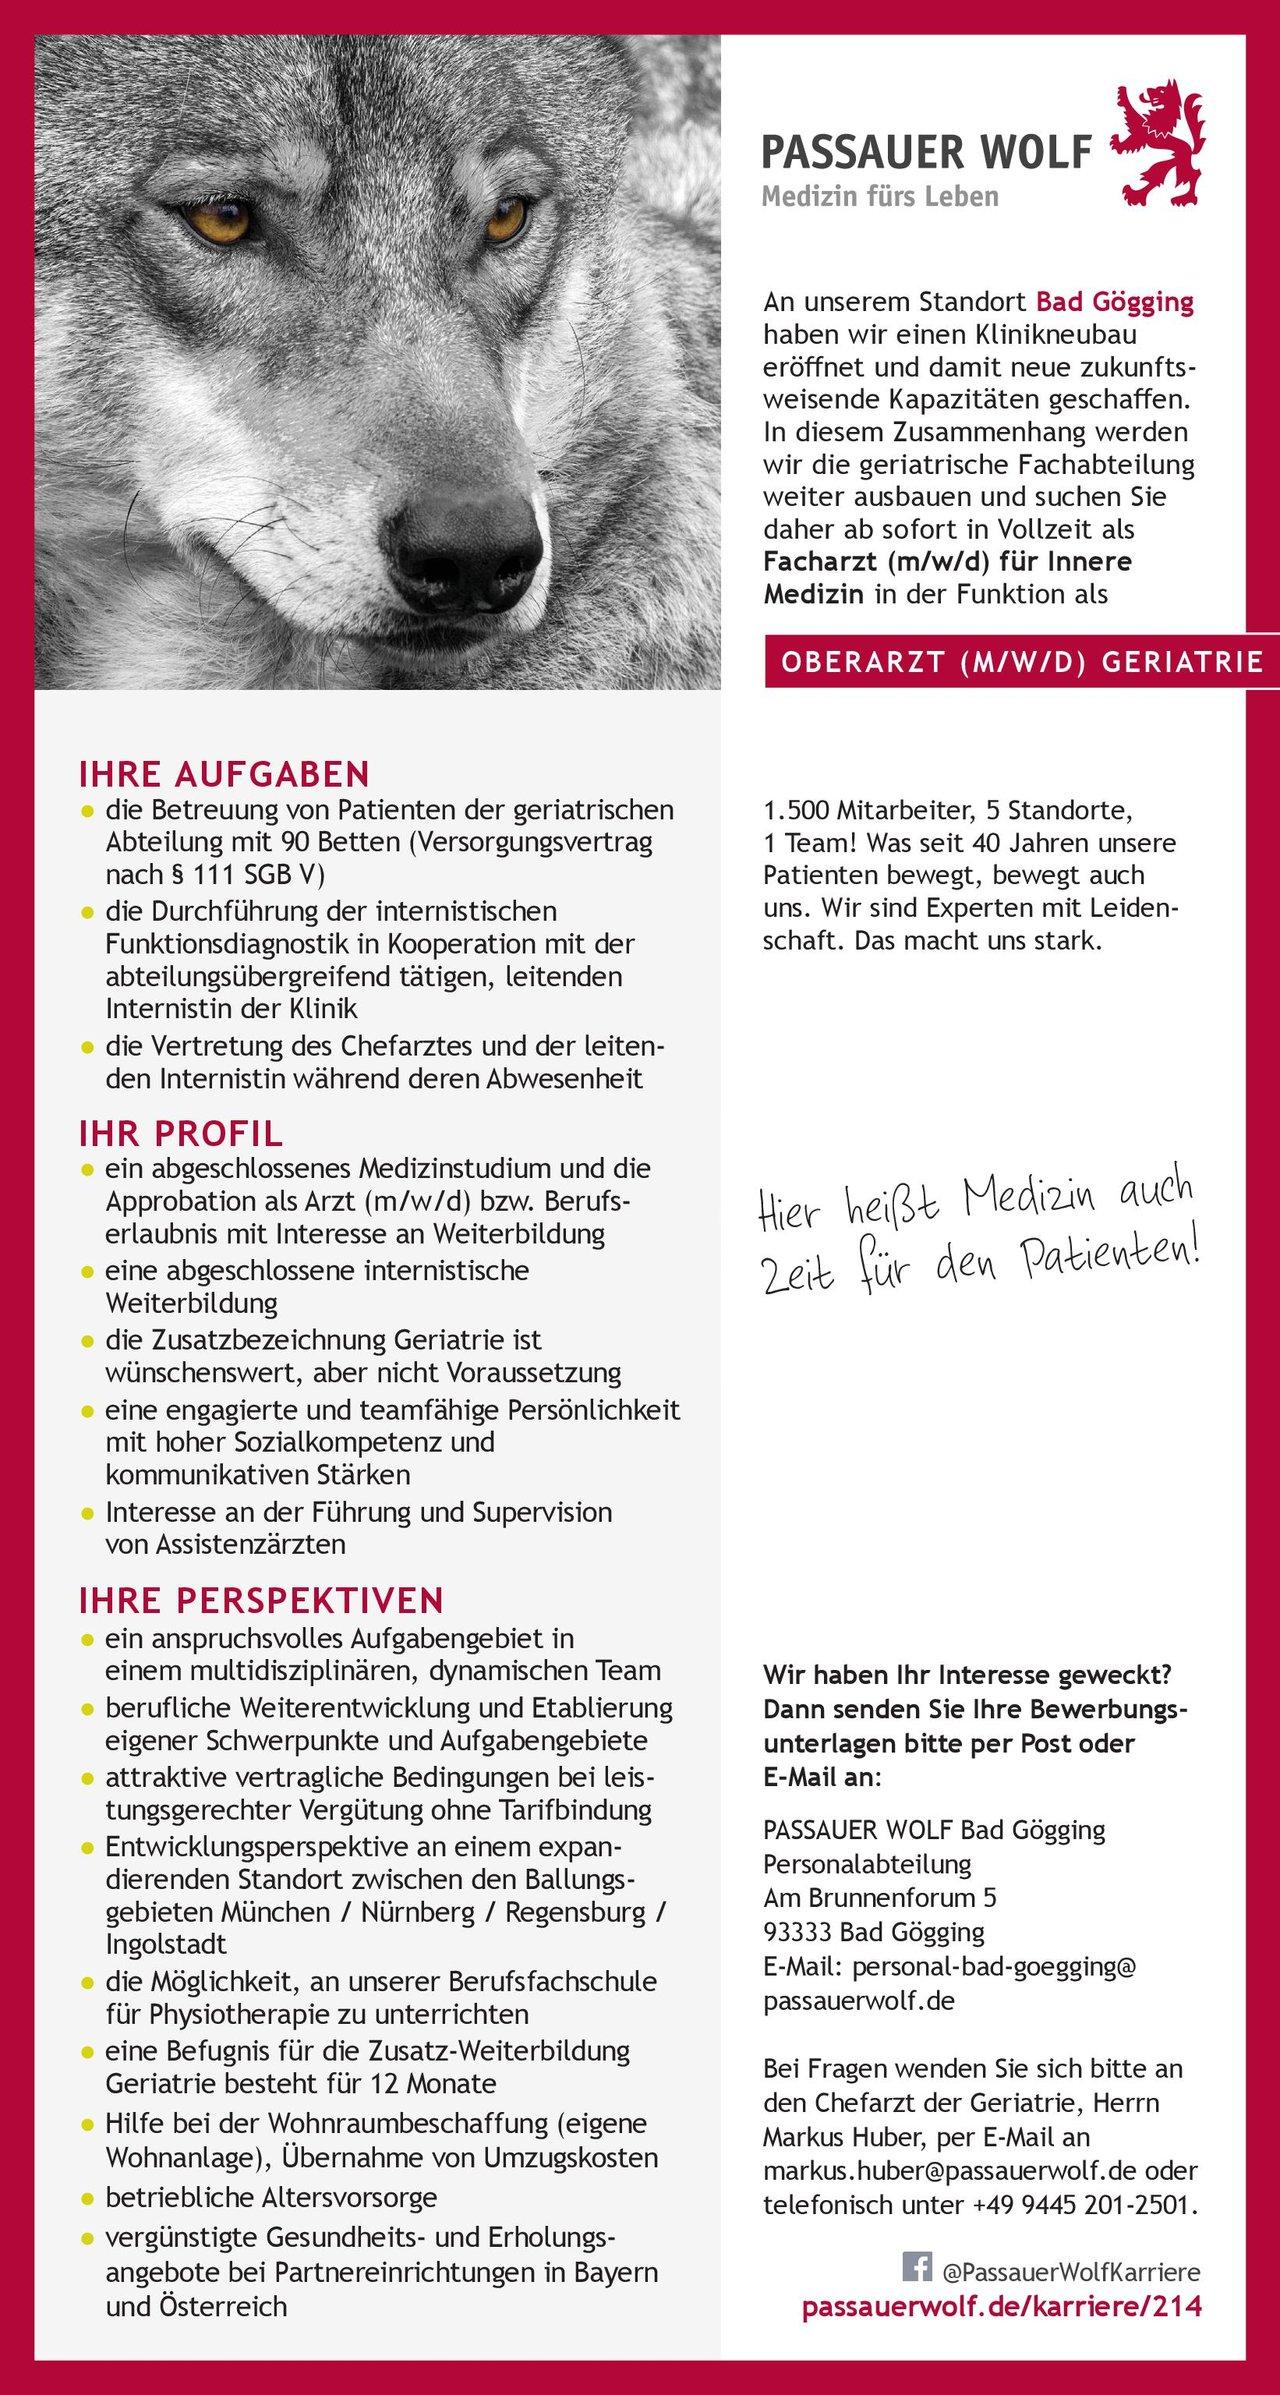 Passauer Wolf Bad Gögging Oberarzt (m/w/d) Geriatrie Geriatrie Oberarzt